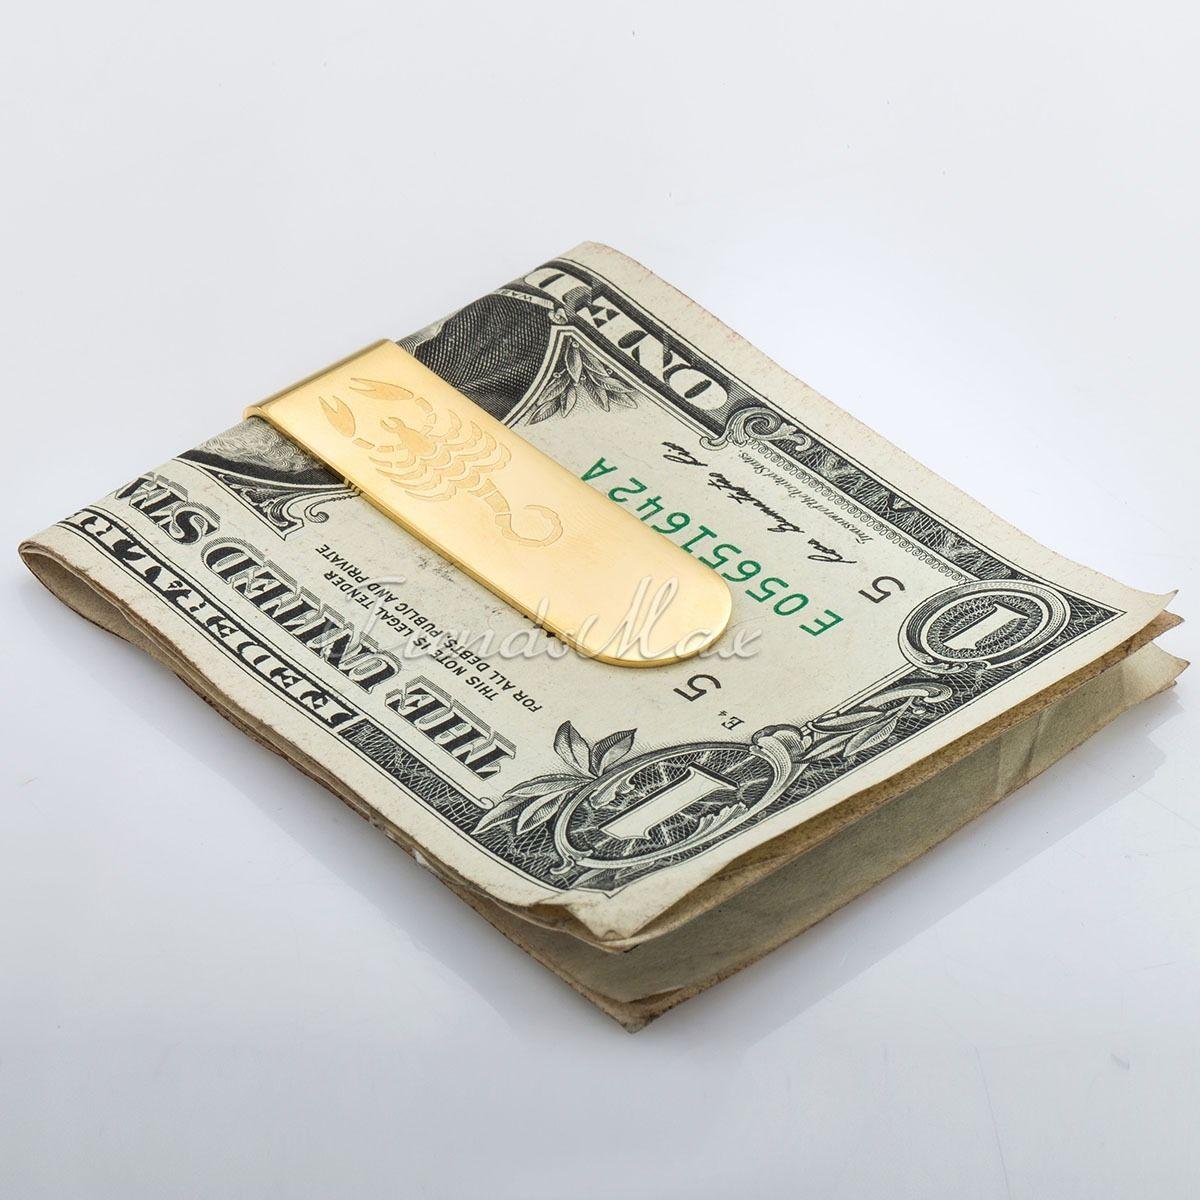 geldscheinklammer geldklammer klammer geldspange geldclip moneyclip geldbeutel ebay. Black Bedroom Furniture Sets. Home Design Ideas